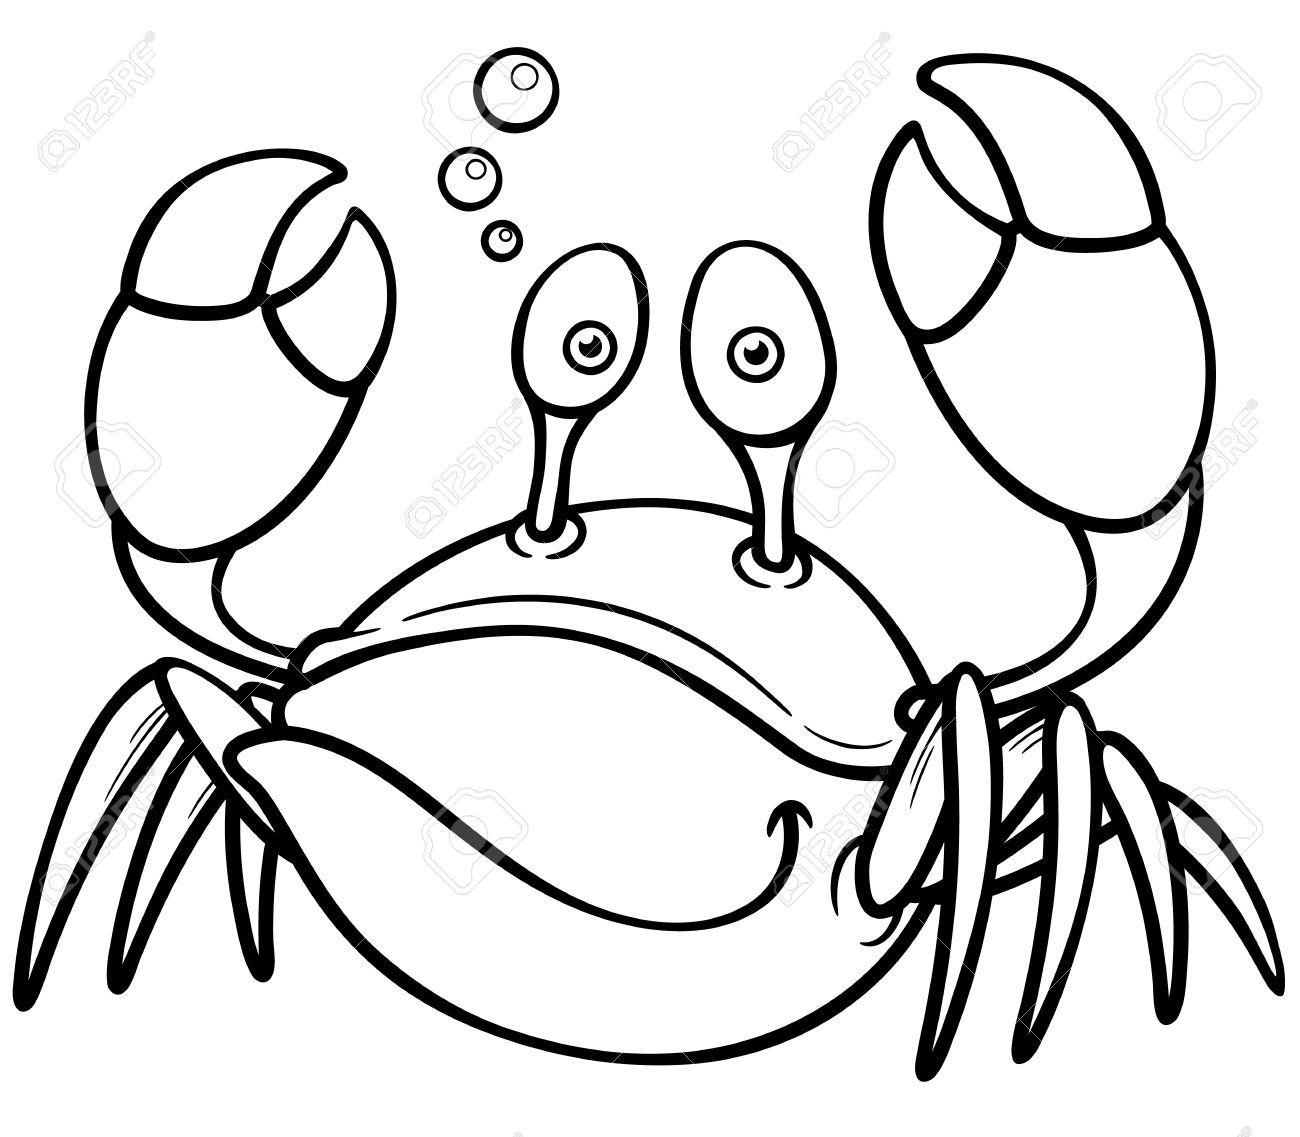 Ilustración vectorial de dibujos animados cangrejo - Coloring book ...